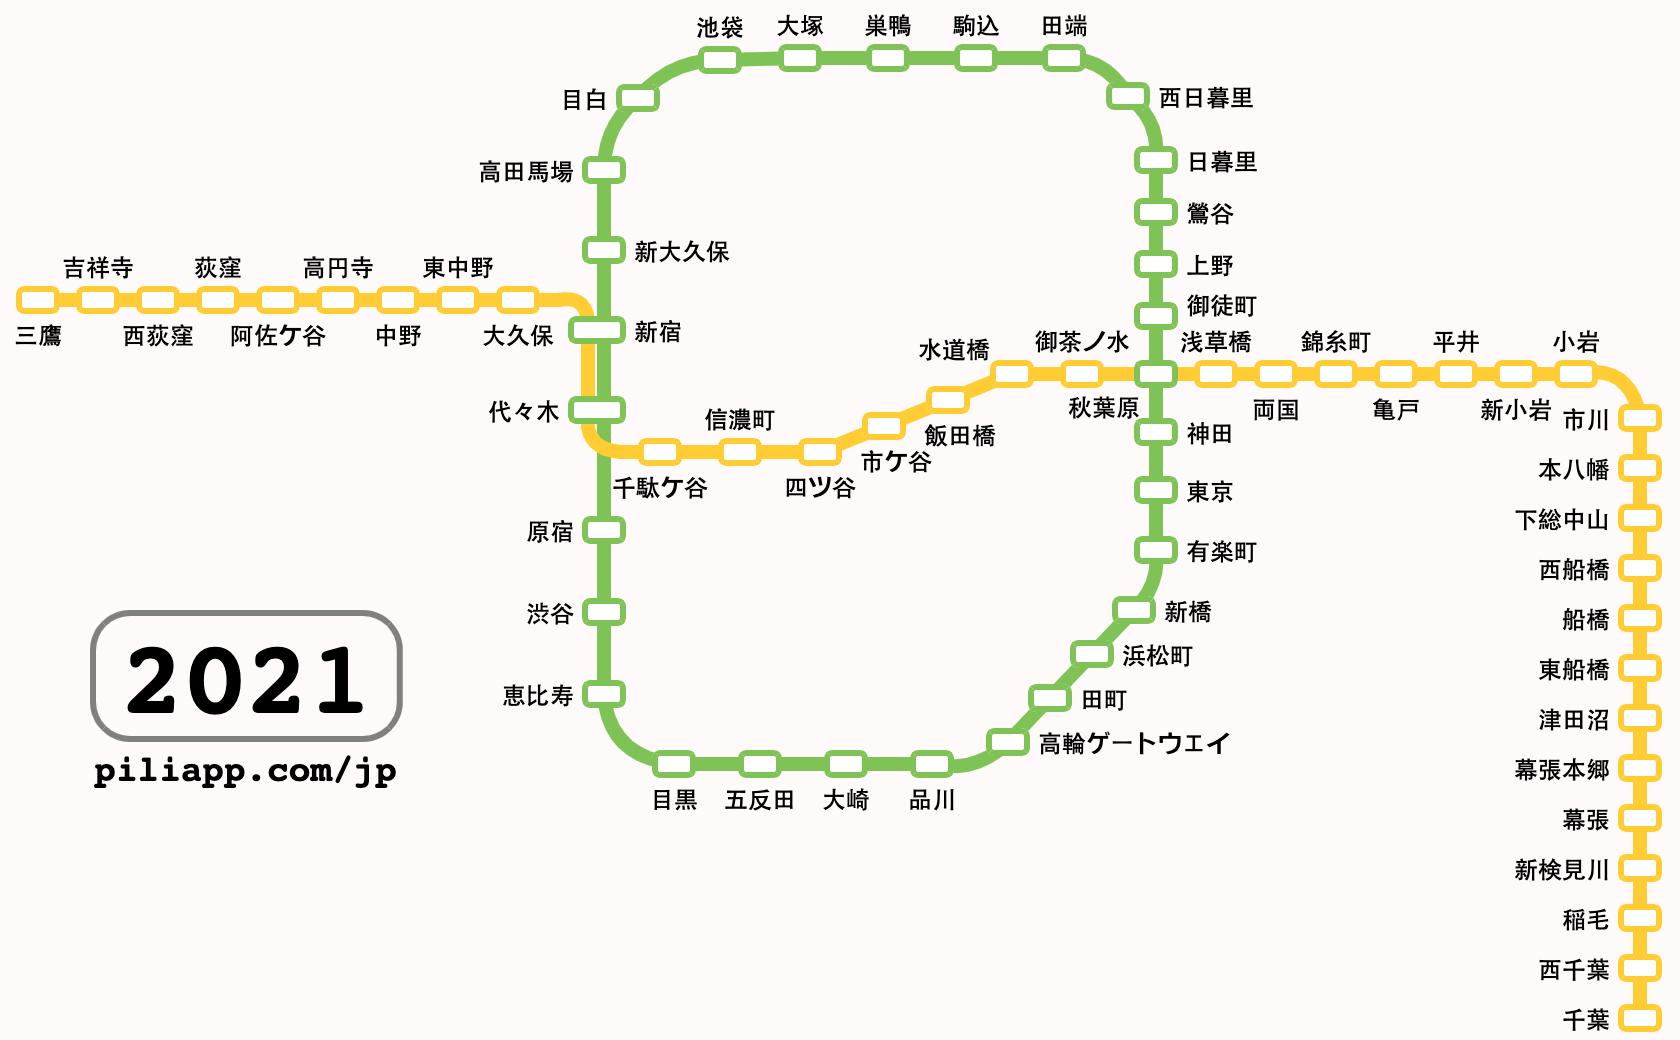 千葉県地図 路線図